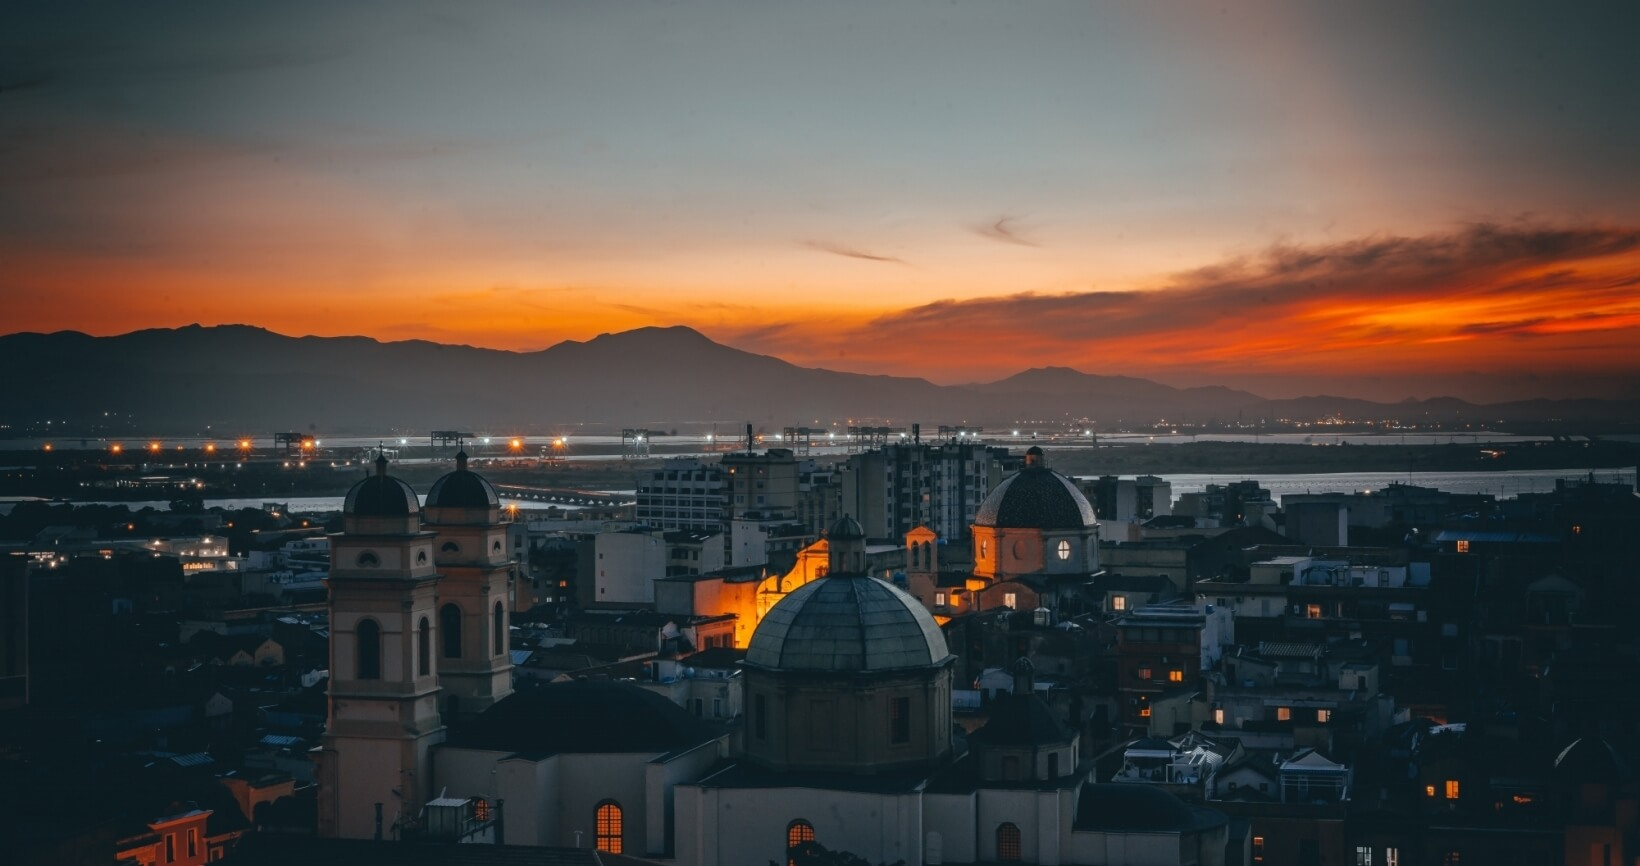 Cagliari night view